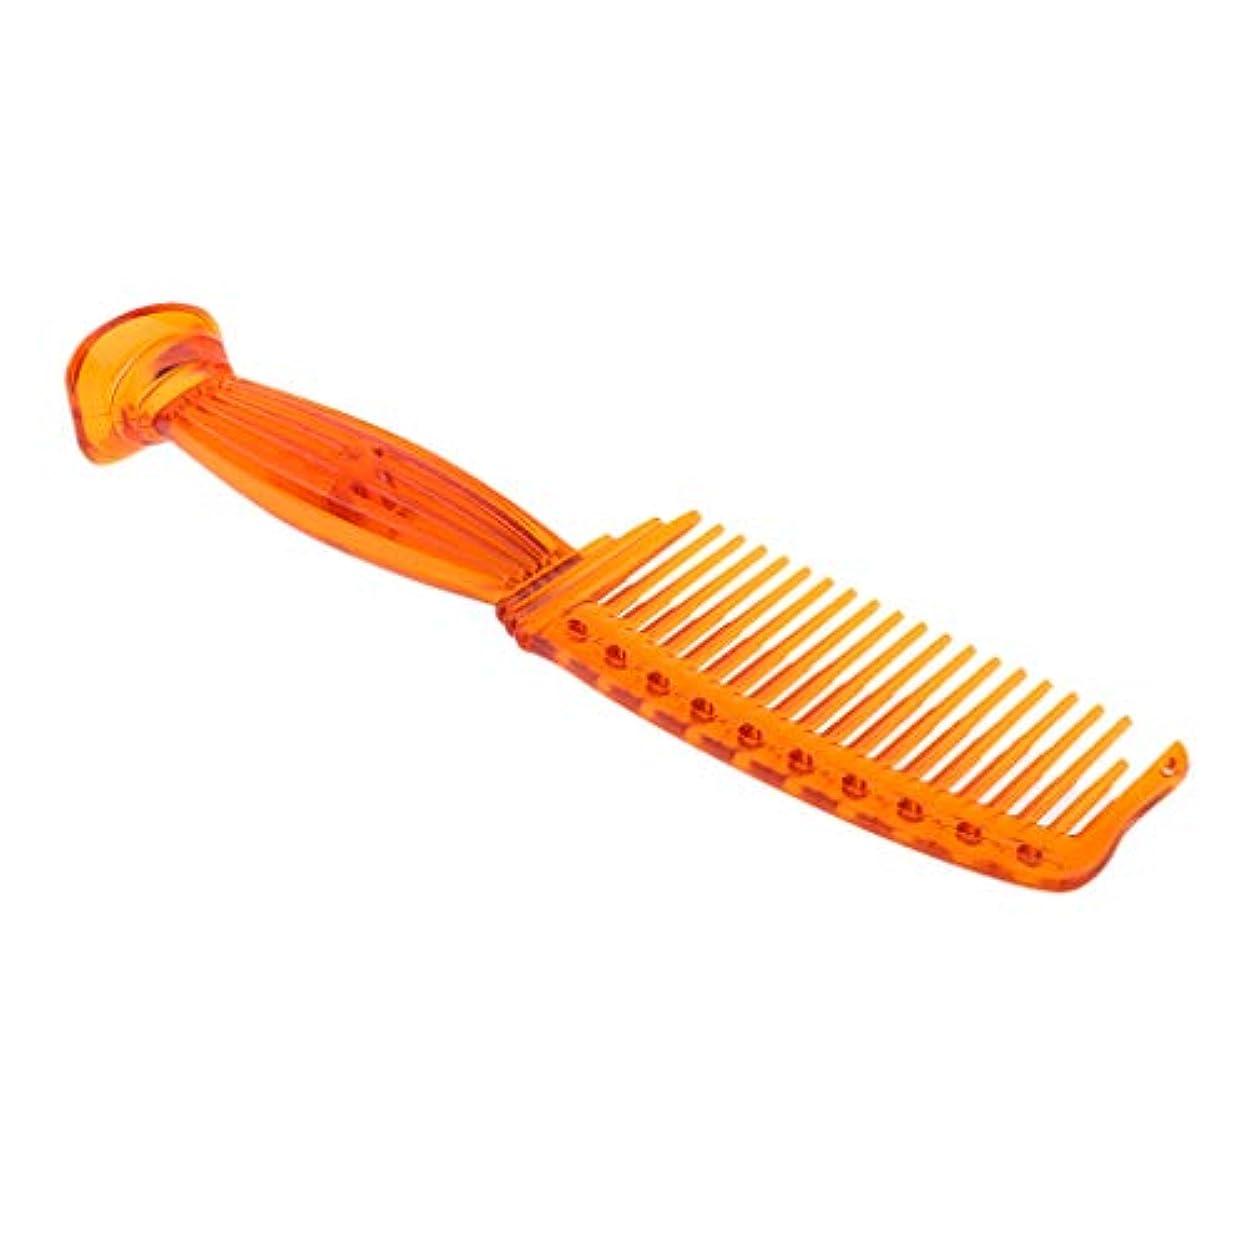 カート挨拶する店員ヘアコーム ヘアブラシ ワイド歯 プラスチック プロ ヘアサロン 理髪師 全5色選べ - オレンジ